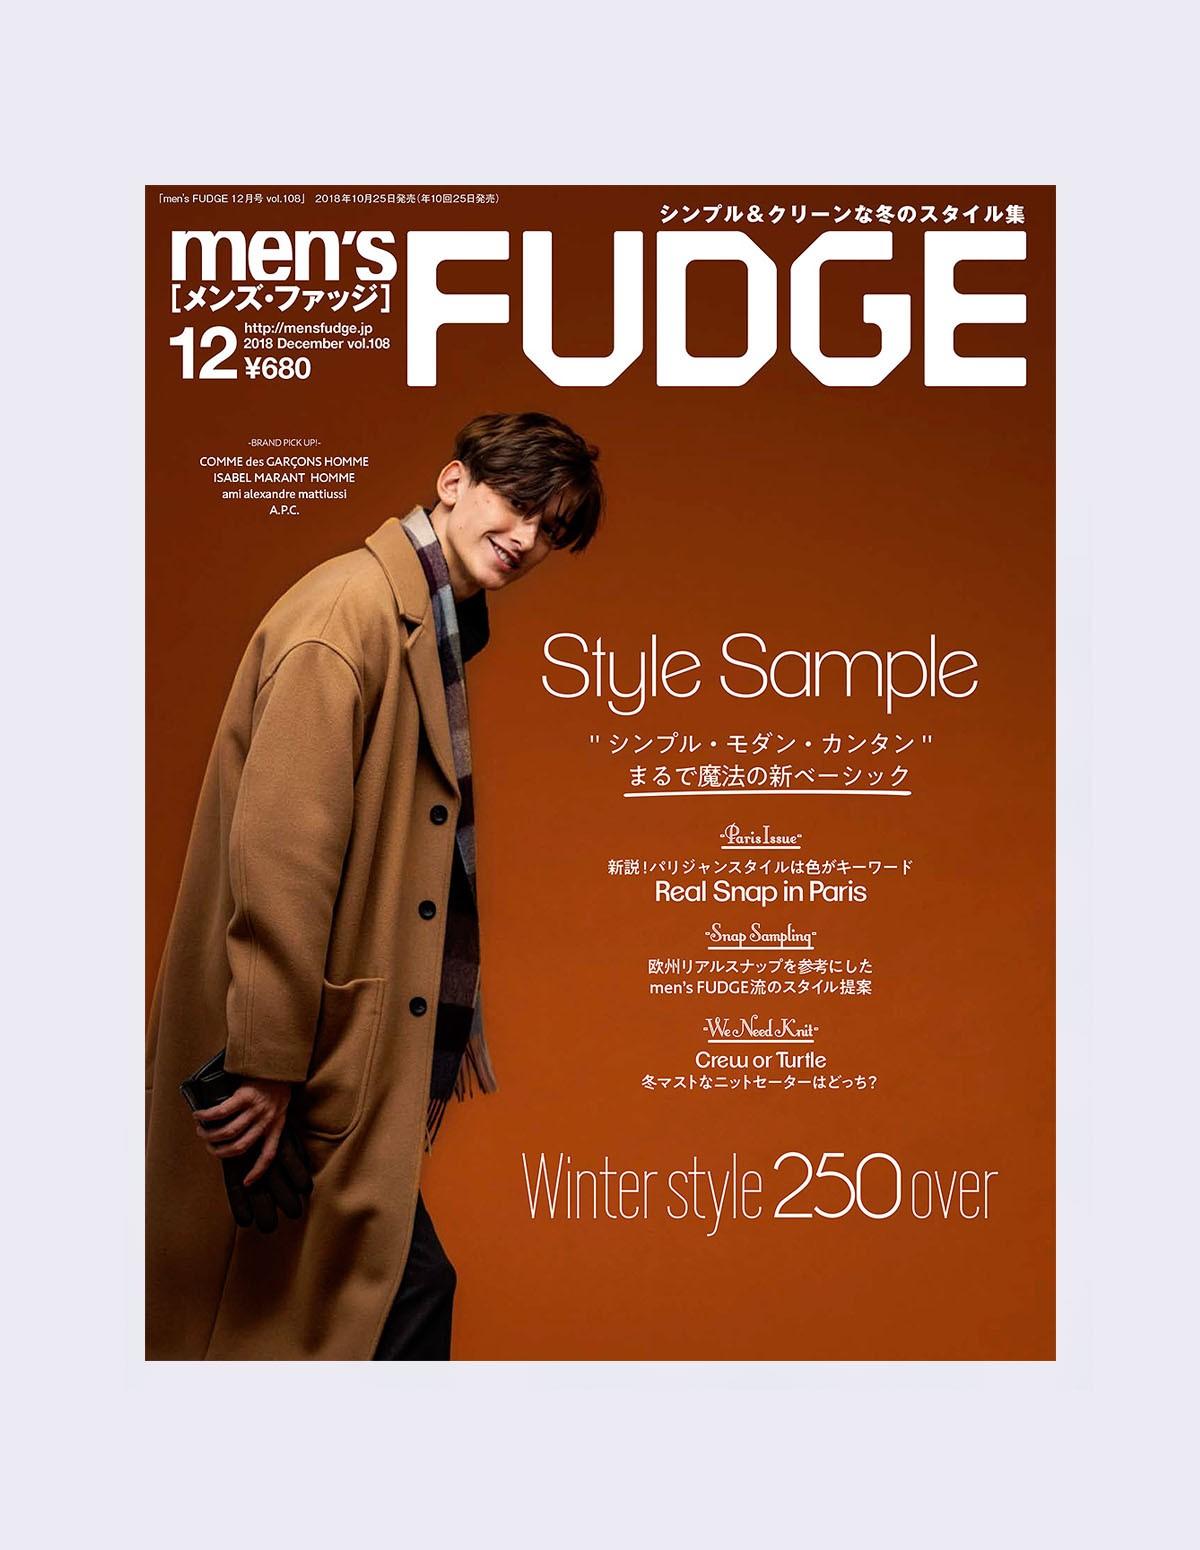 Men's Fudge Vol.108